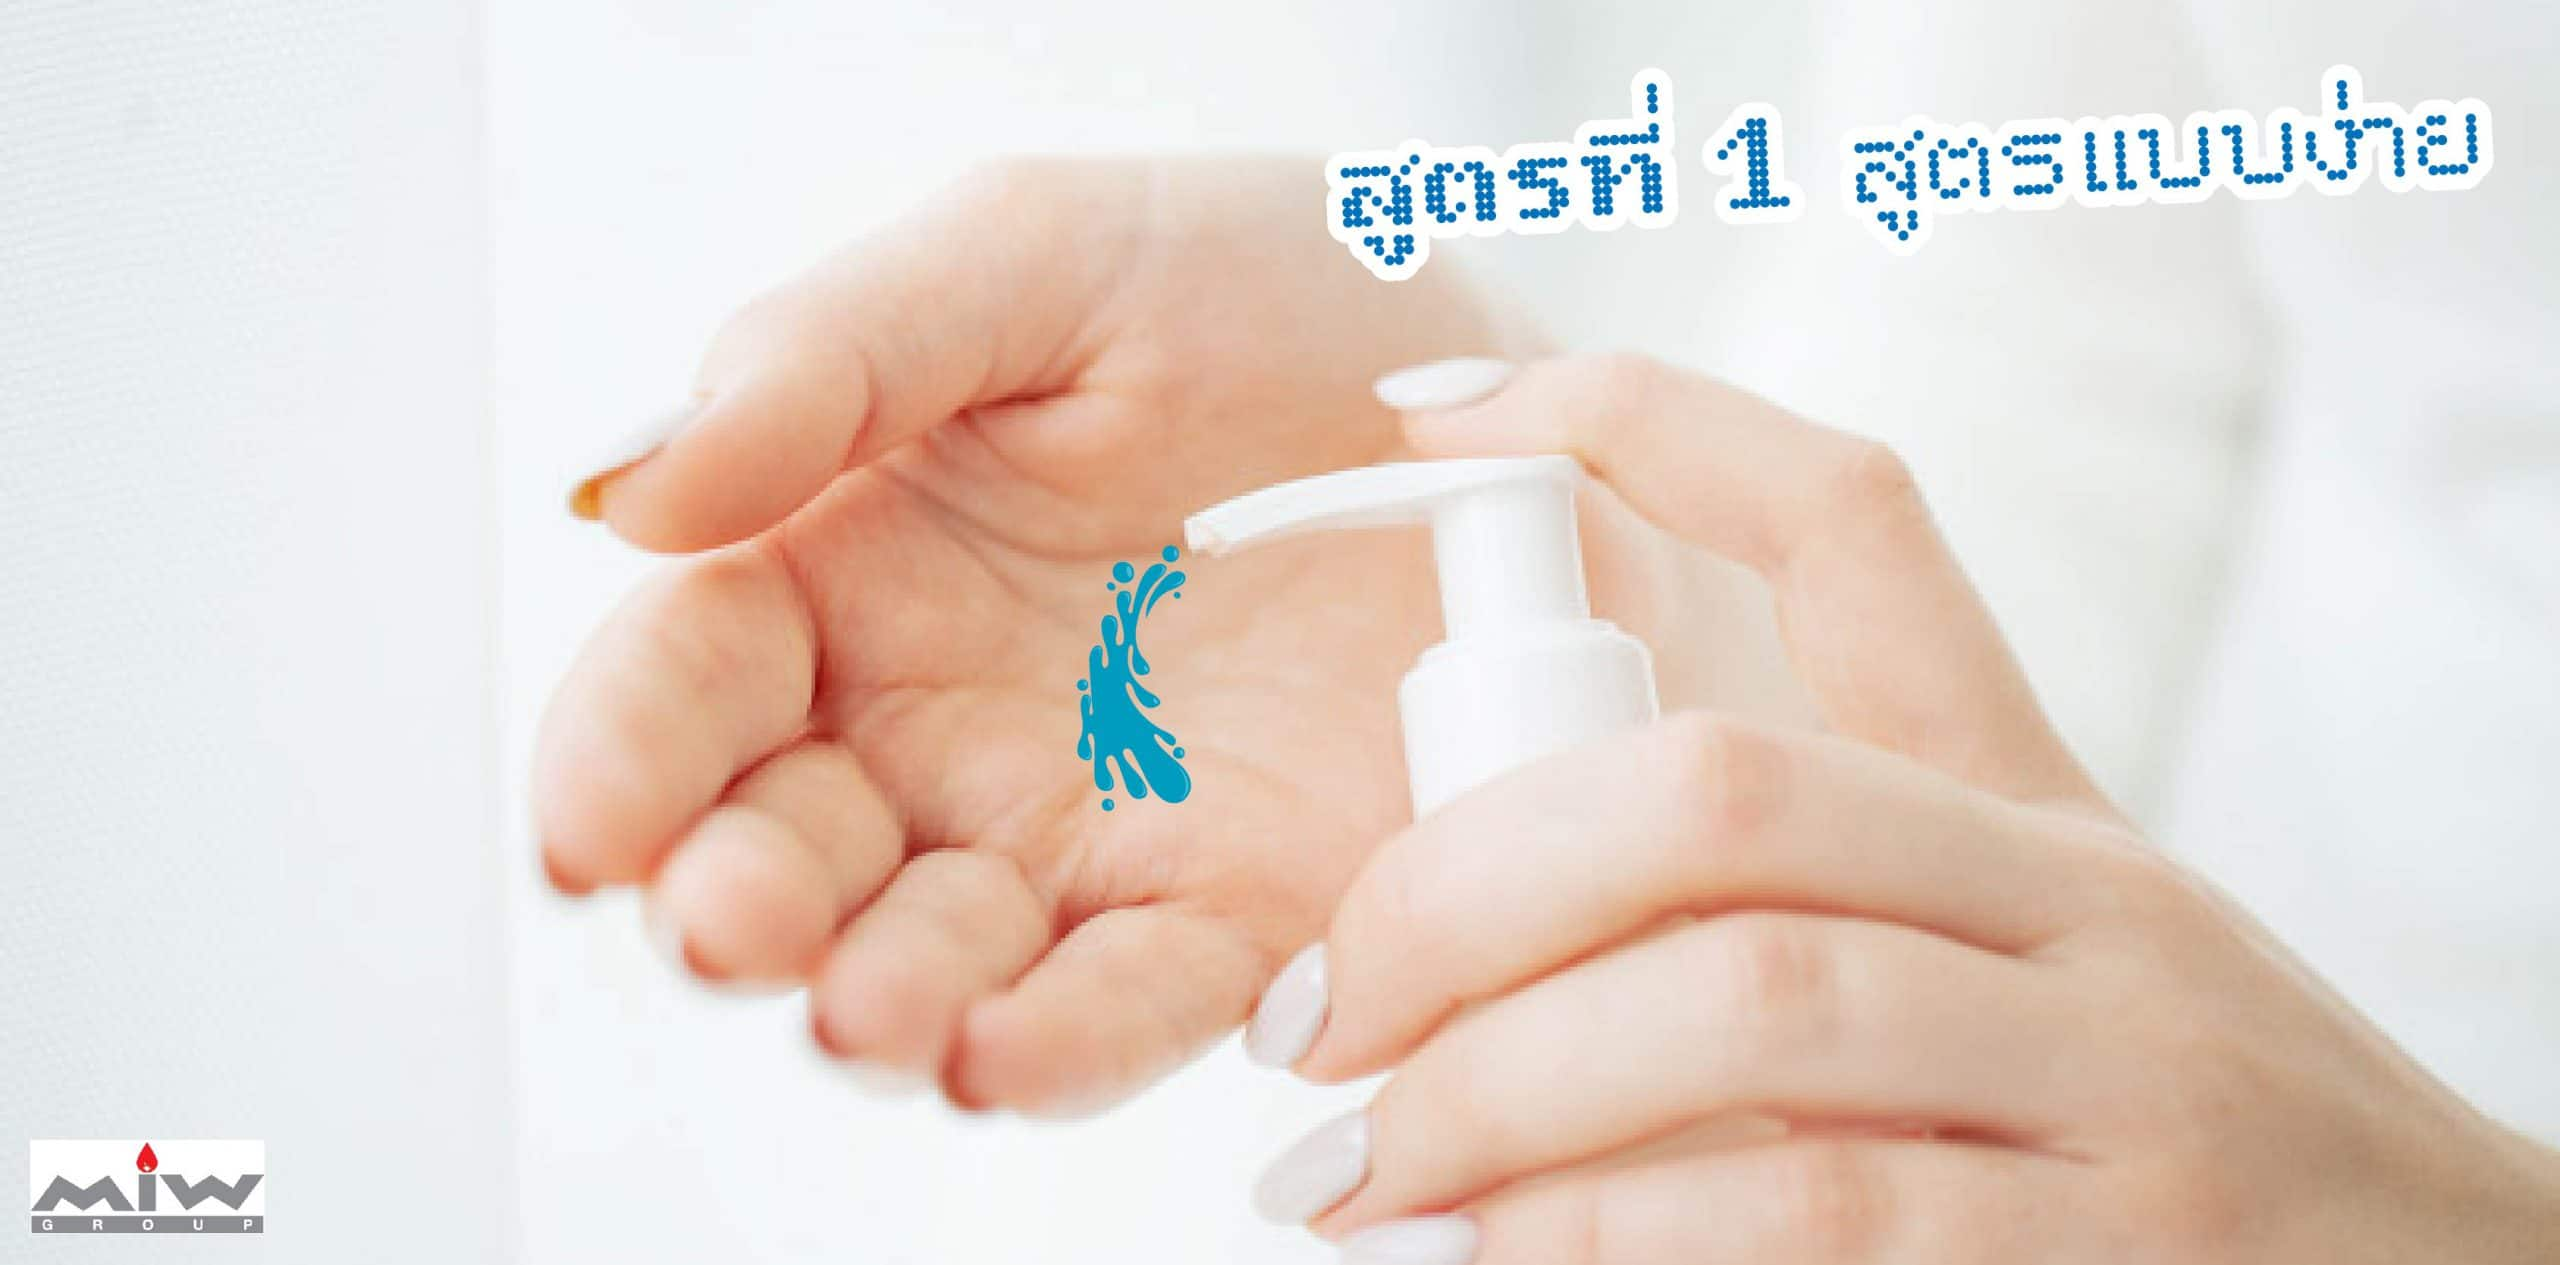 1 สูตรแบบง่าย scaled - 3 สูตรทำเจลล้างมือ ต้านเชื้อโรคด้วยตนเอง